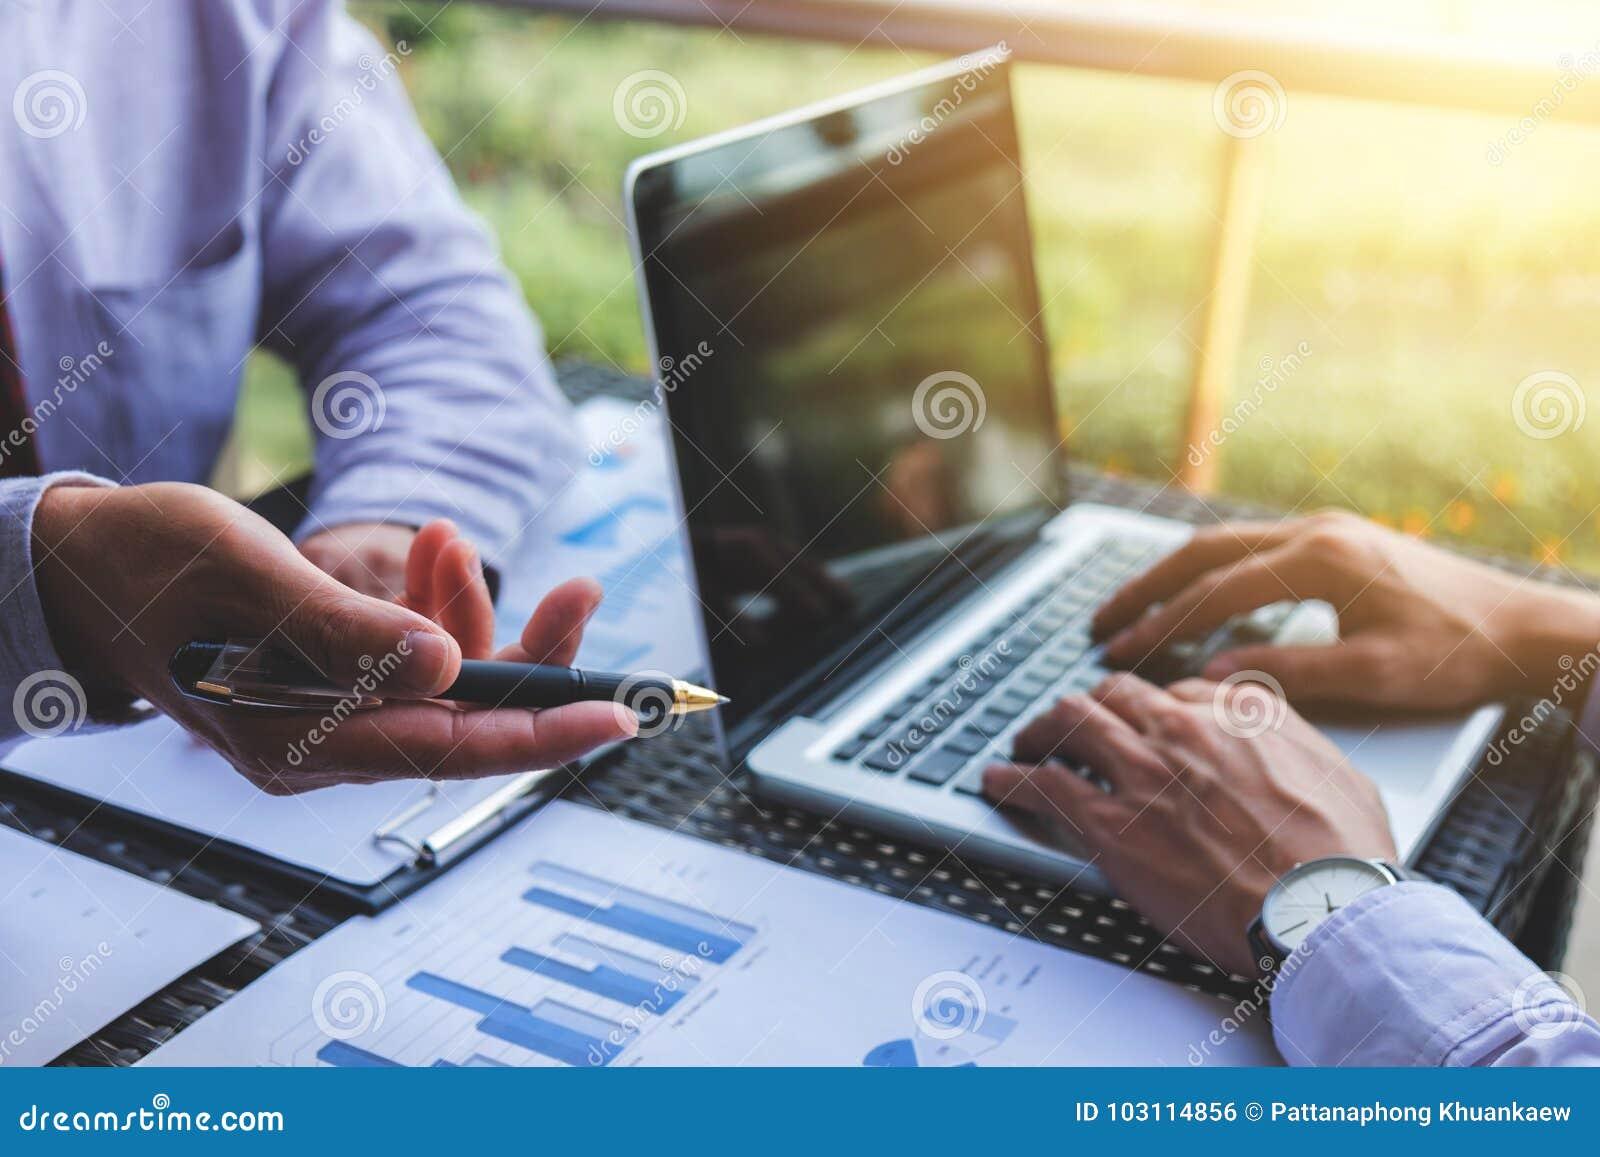 Co pracująca konferencja, biznesu spotkania drużynowa teraźniejszość, inwestor e